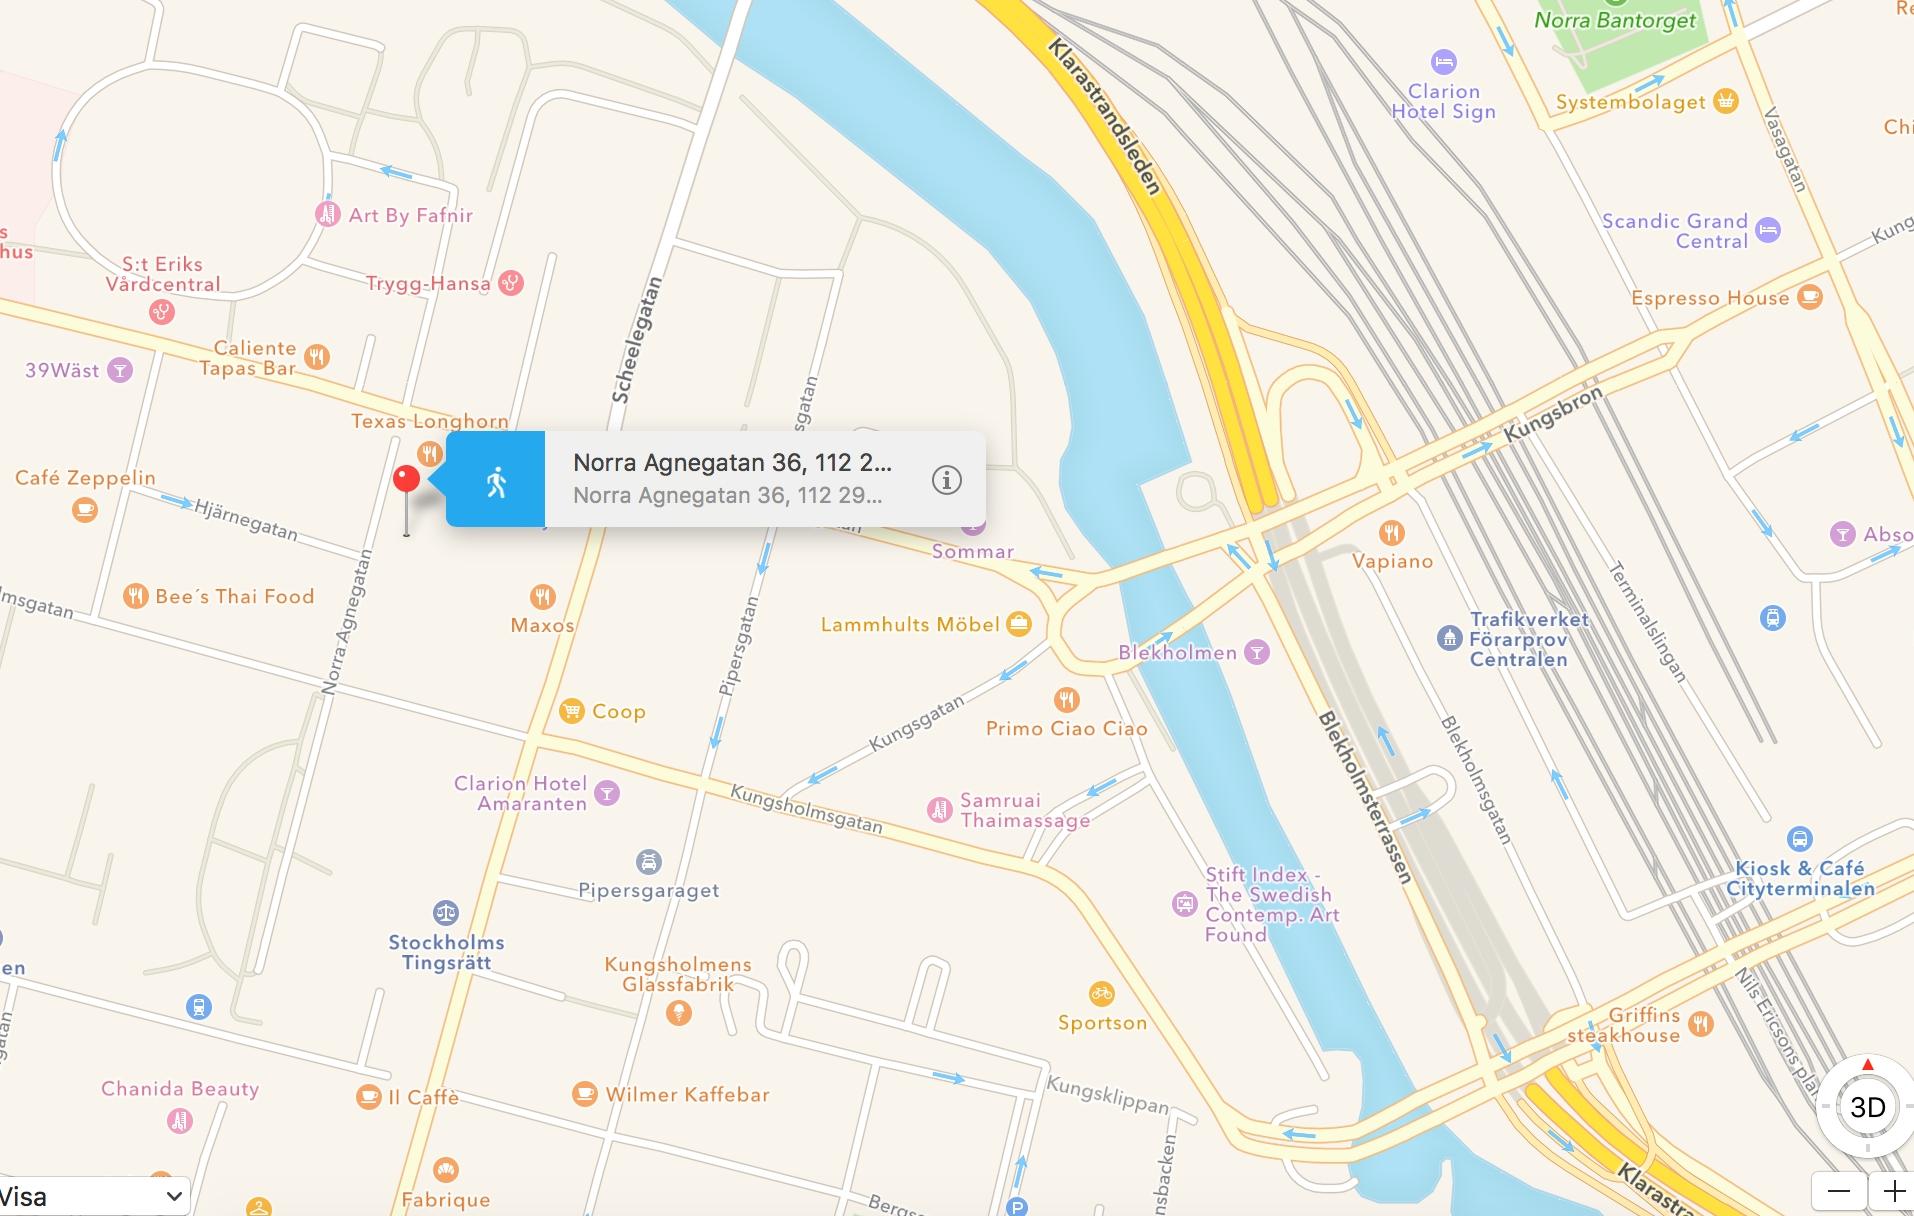 Skärmdump från Kartor